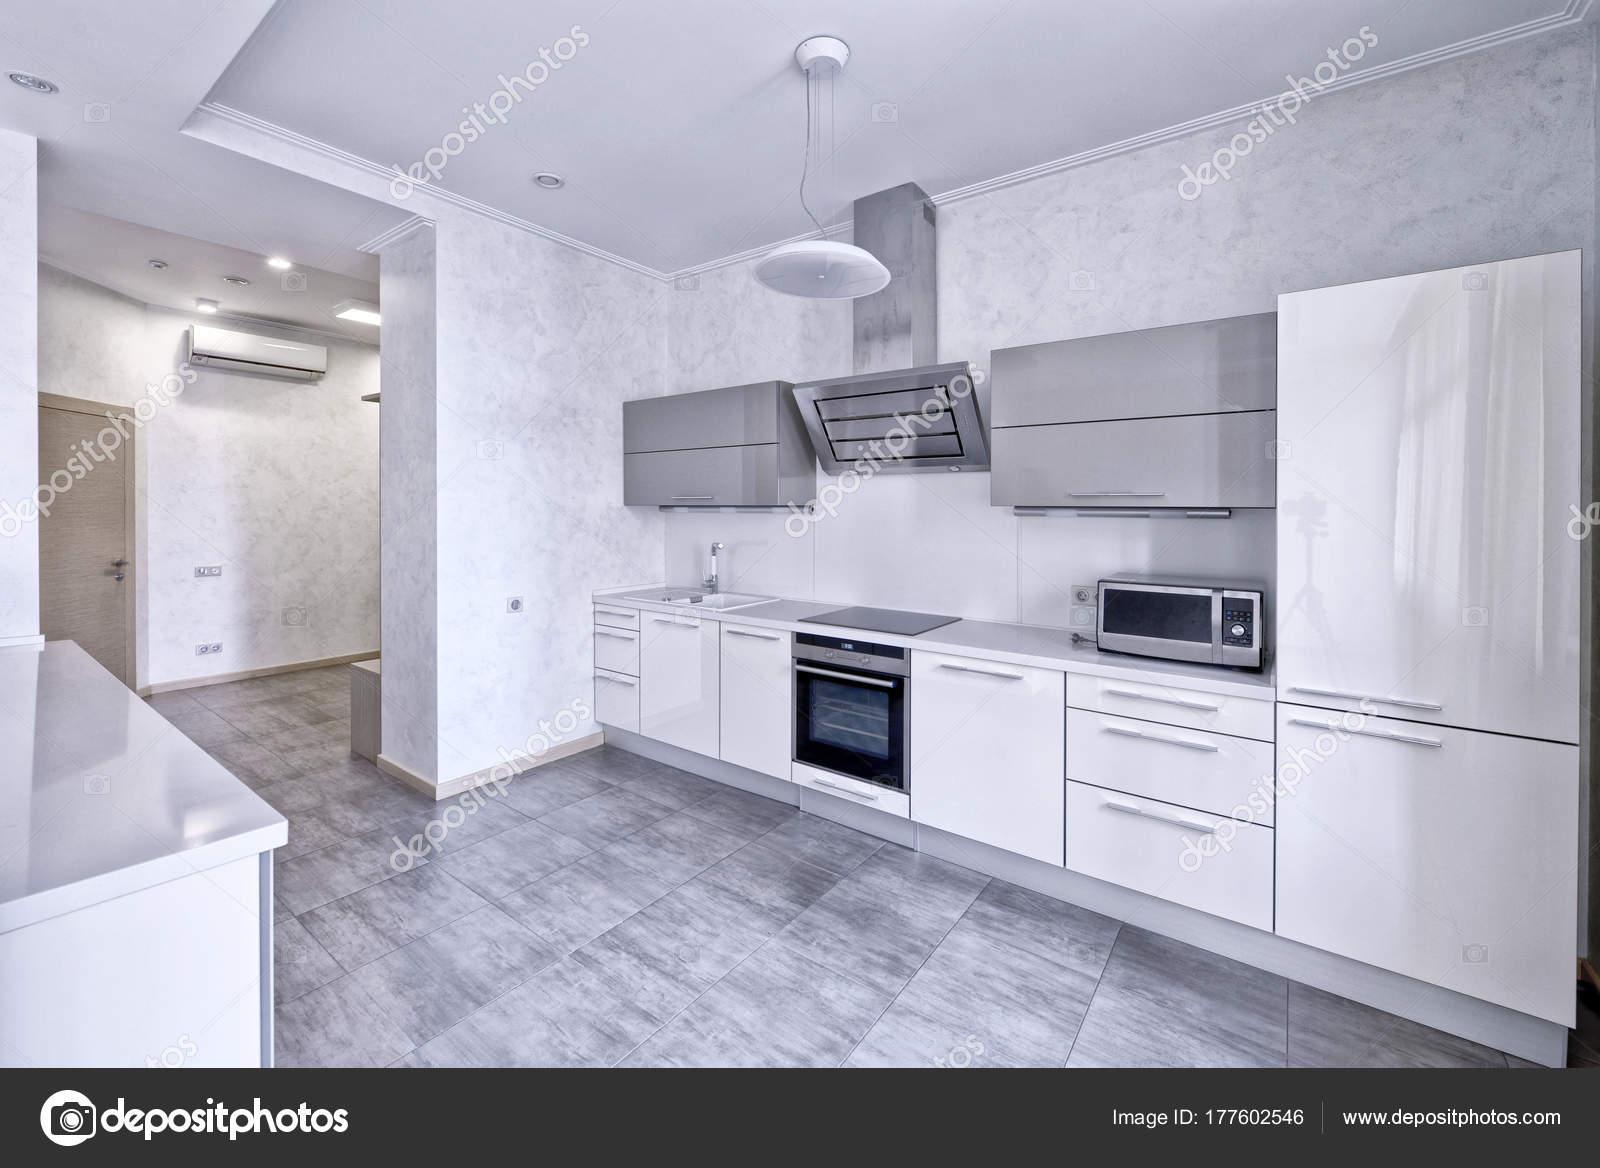 Keuken Design Moderne : Interieur design moderne keuken het nieuwe huis u stockfoto